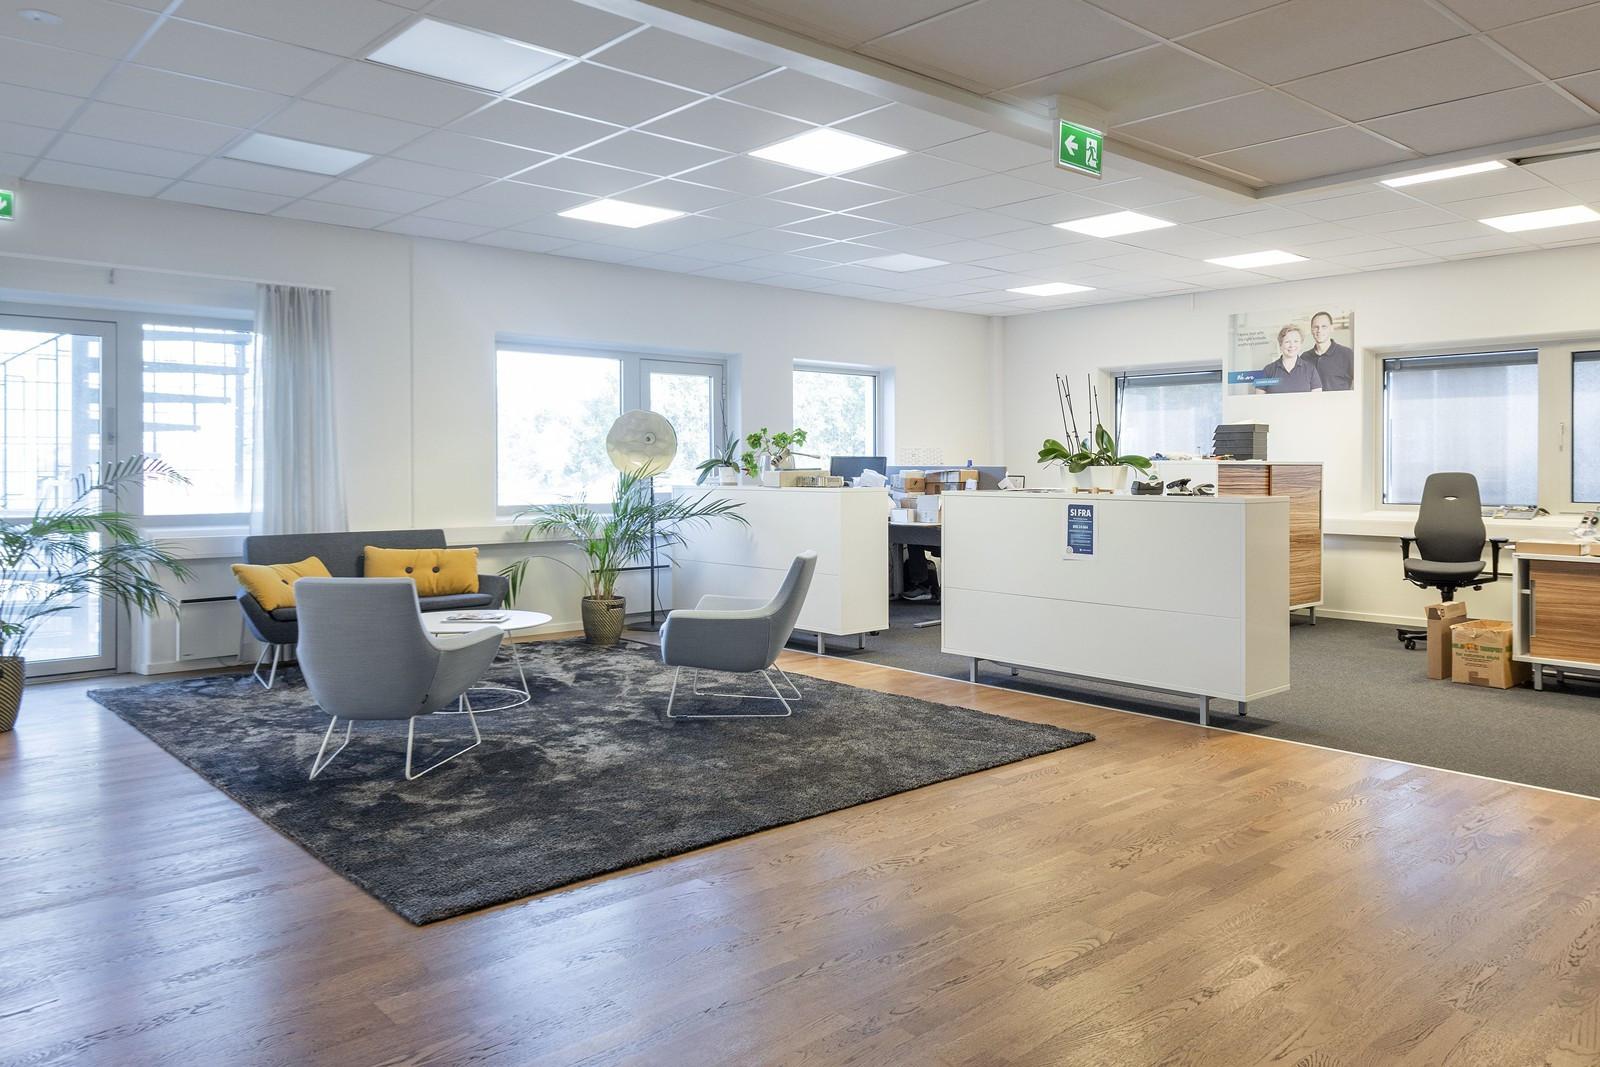 Arbeidsstasjoner i åpen løsning ut mot kundemottaket